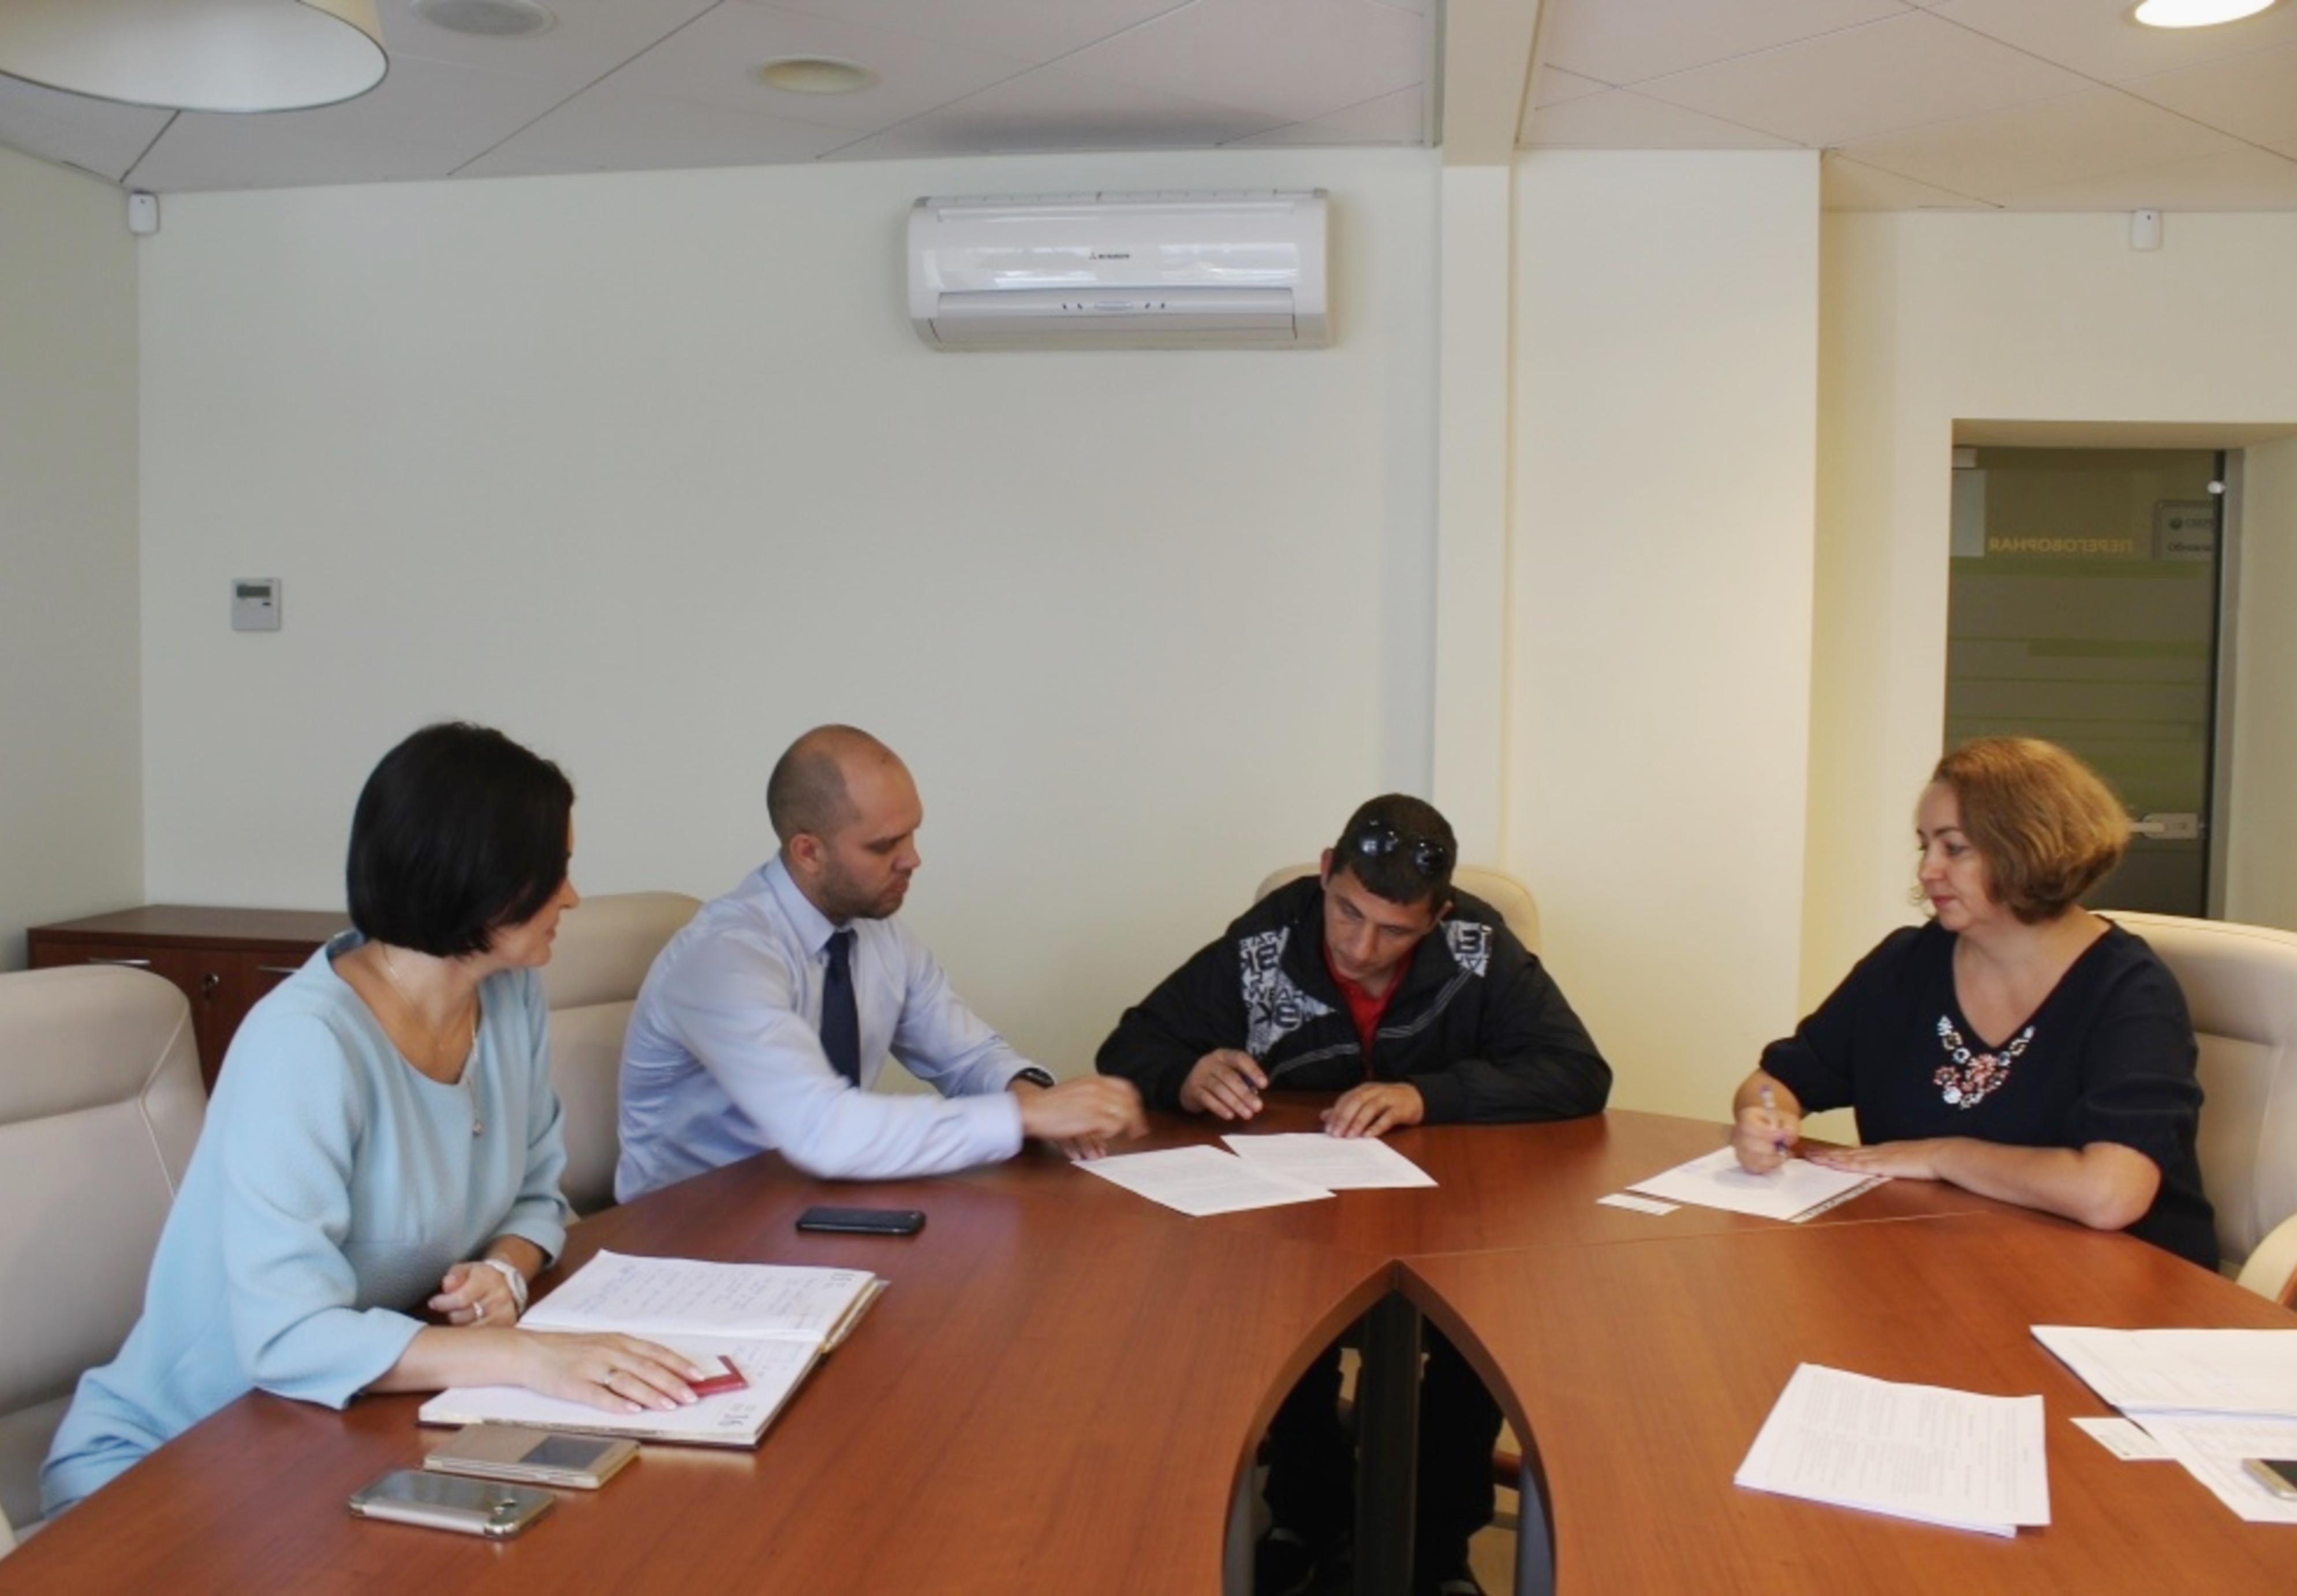 Достигнута договоренность об урегулировании задолженности по ипотеке многодетной семьи Березиных